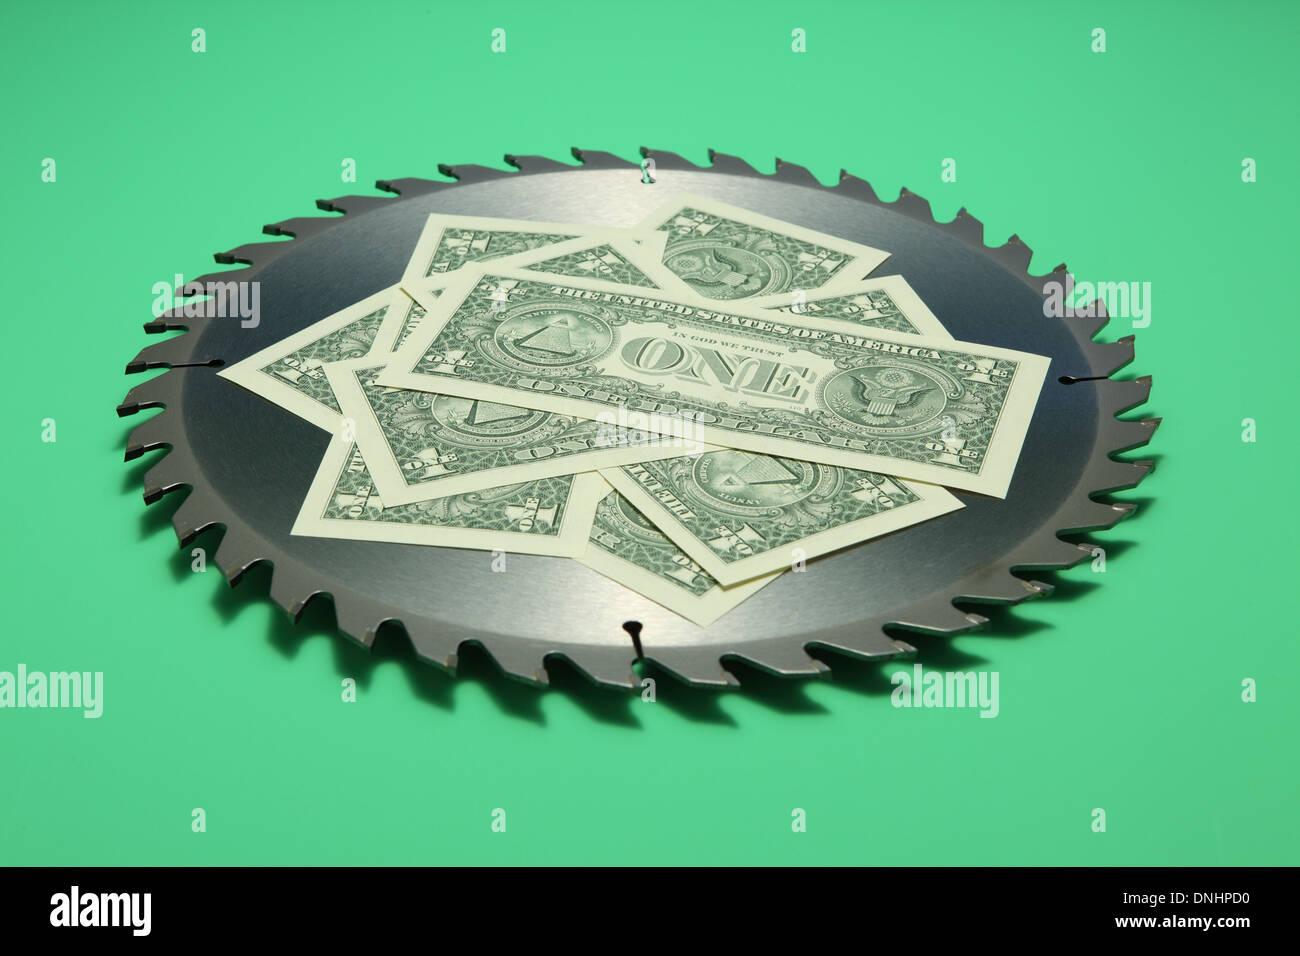 Une lame de scie circulaire en métal avec nous la monnaie sur fond vert. Photo Stock